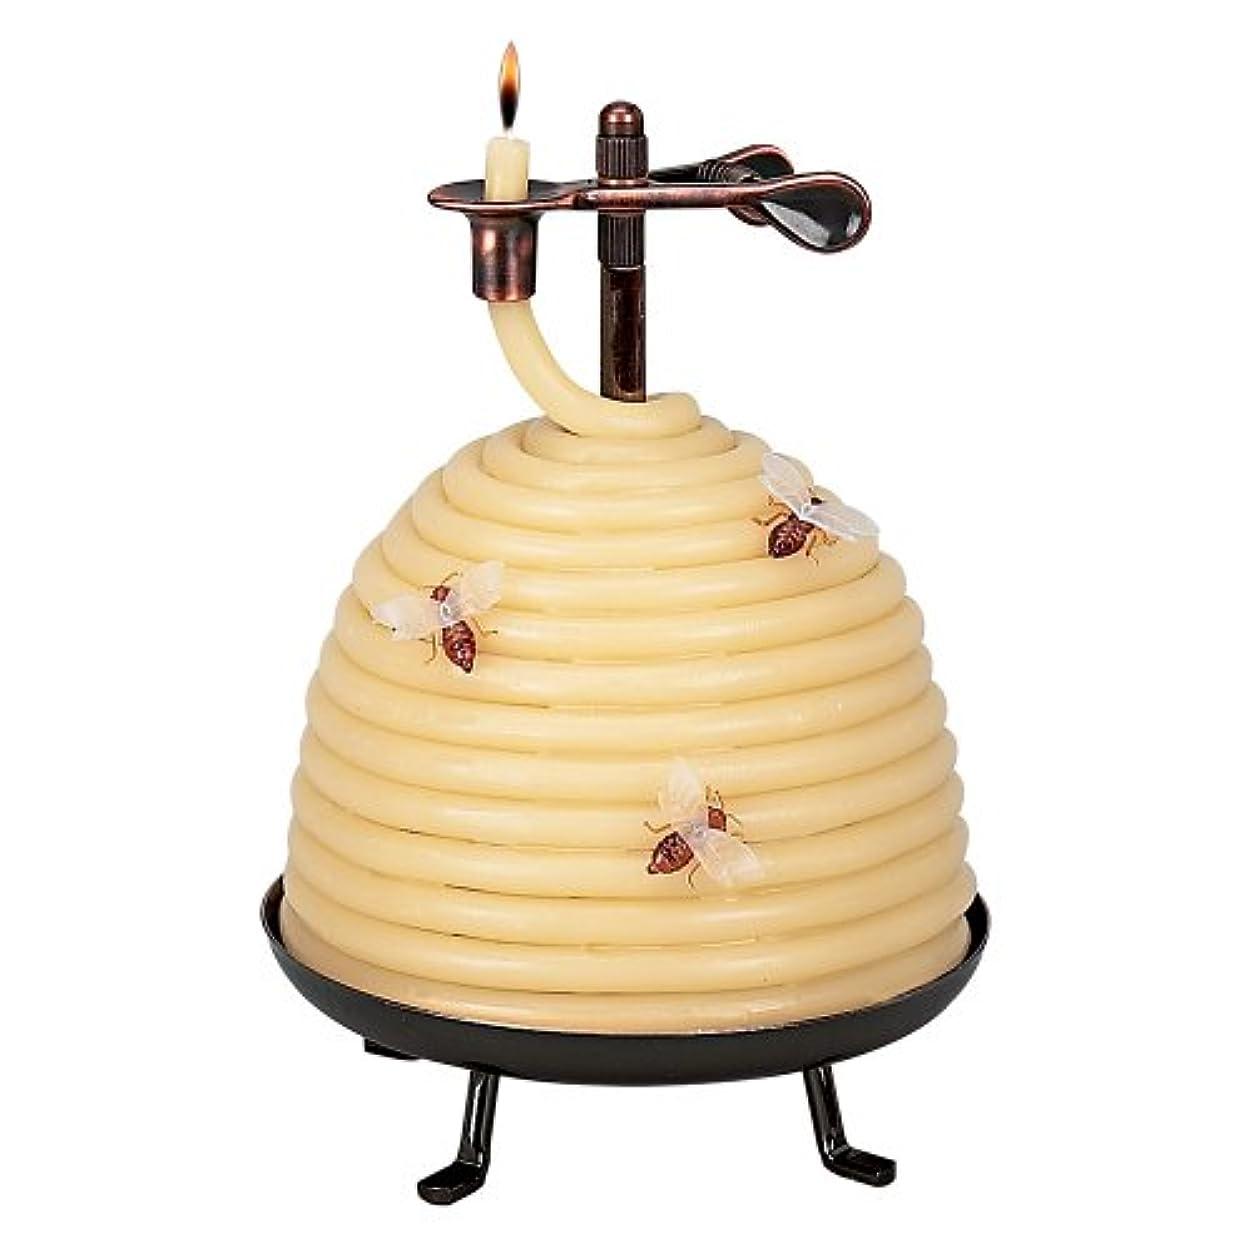 意識的スピン支払うCandle By The Hour 20641B 70 Hour Beehive Coil Candle